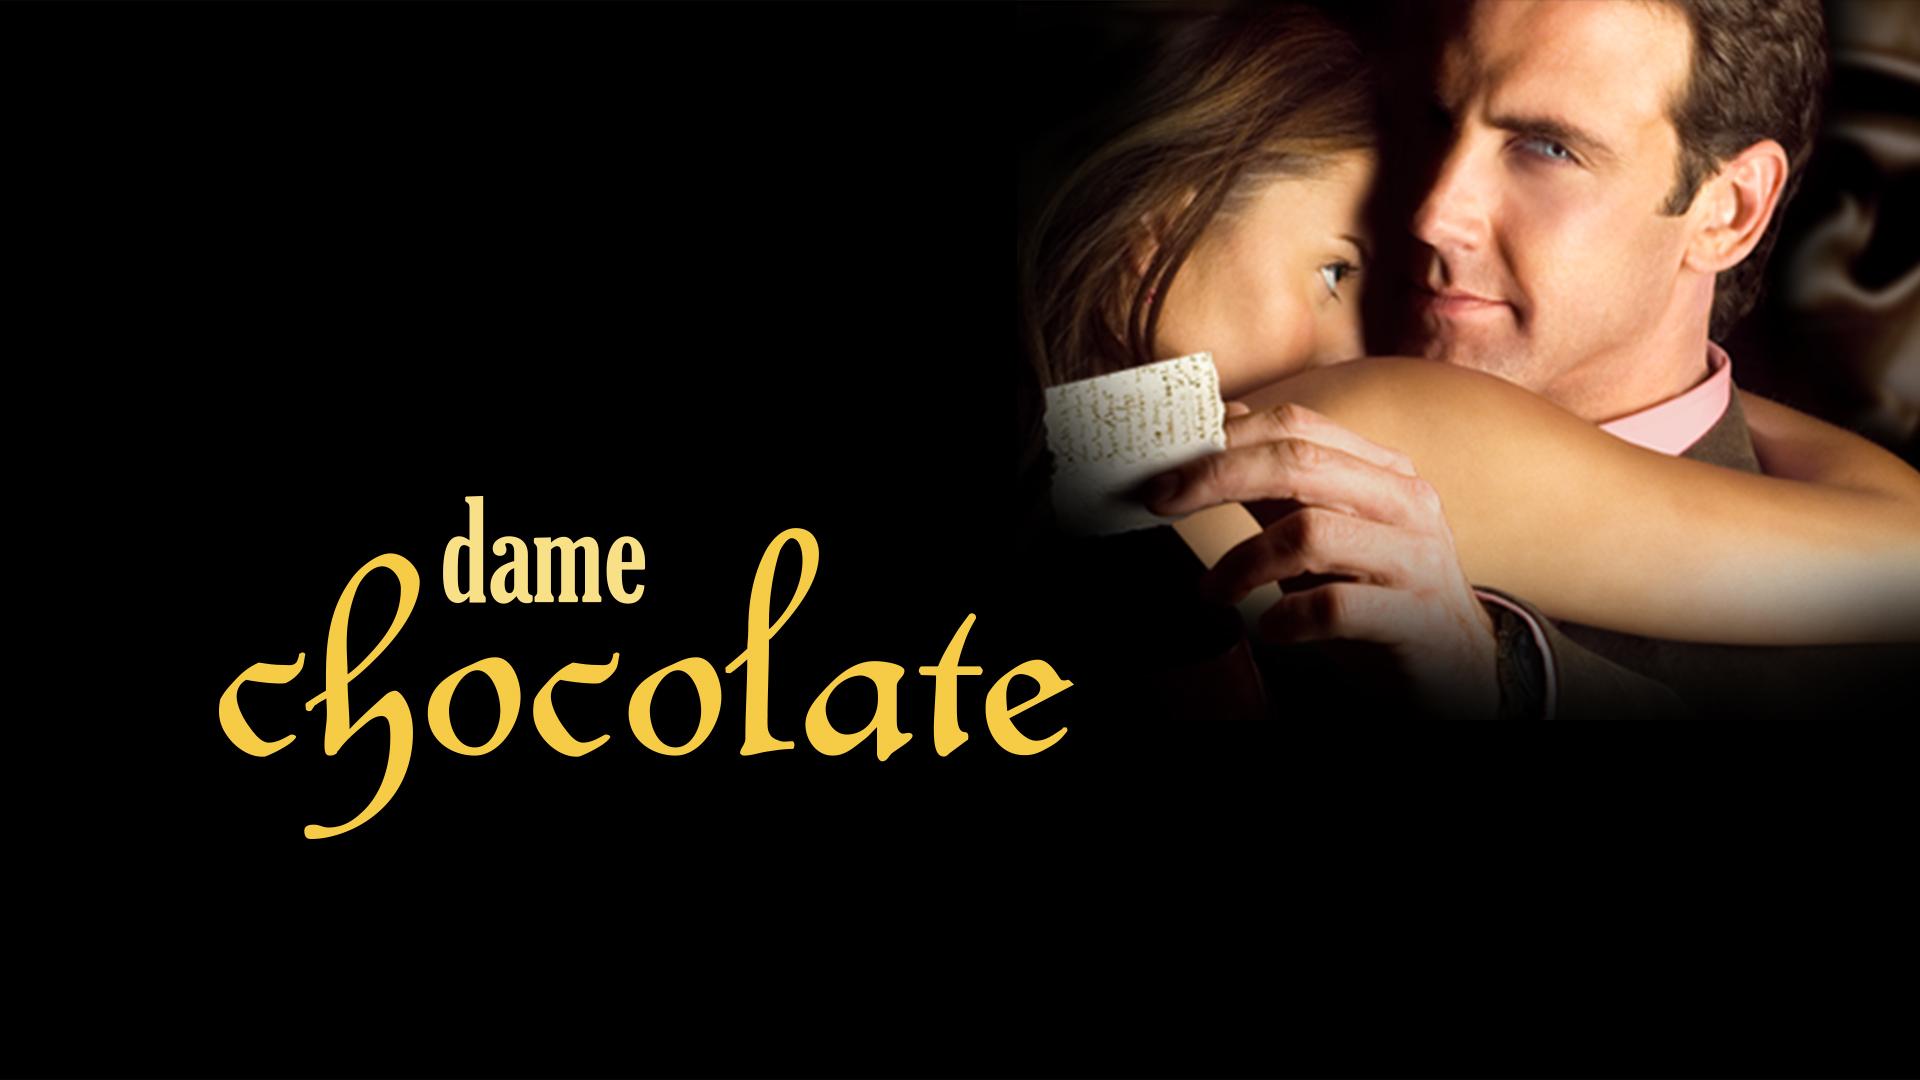 Dame Chocolate - Alchetron, The Free Social Encyclopedia